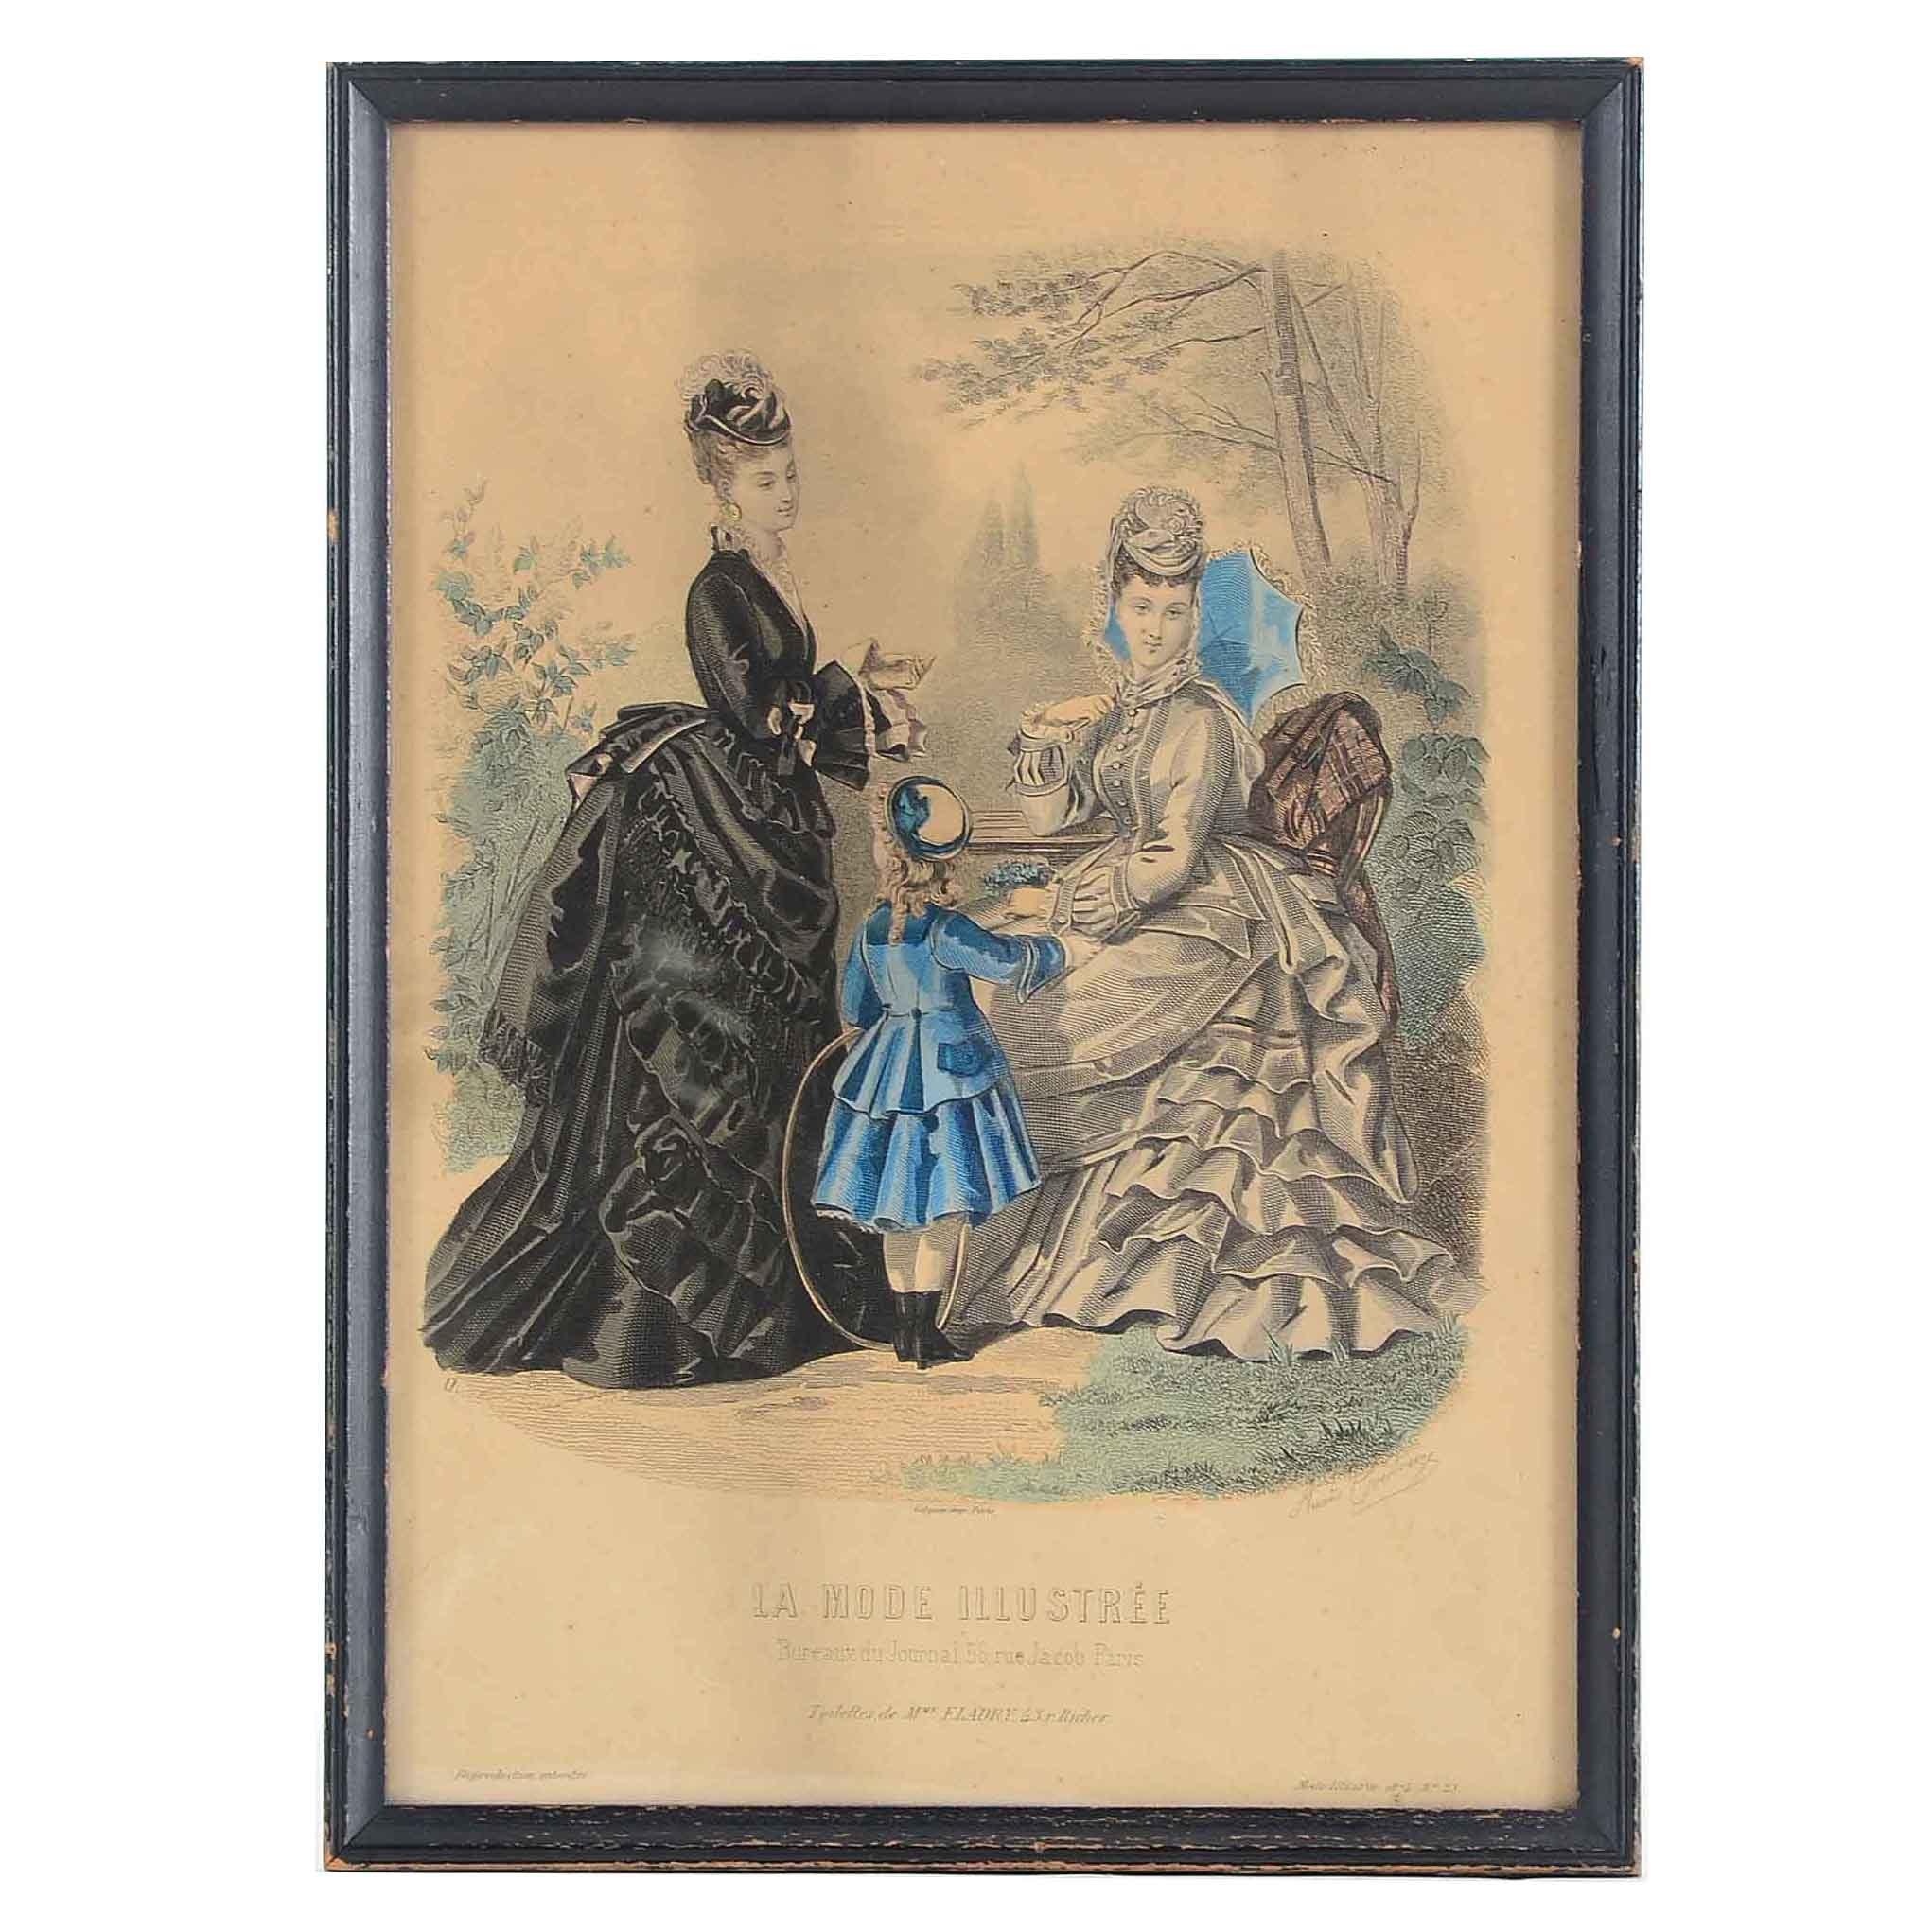 Antique Hand-colored Fashion Engraving after Anaïs Toudouze